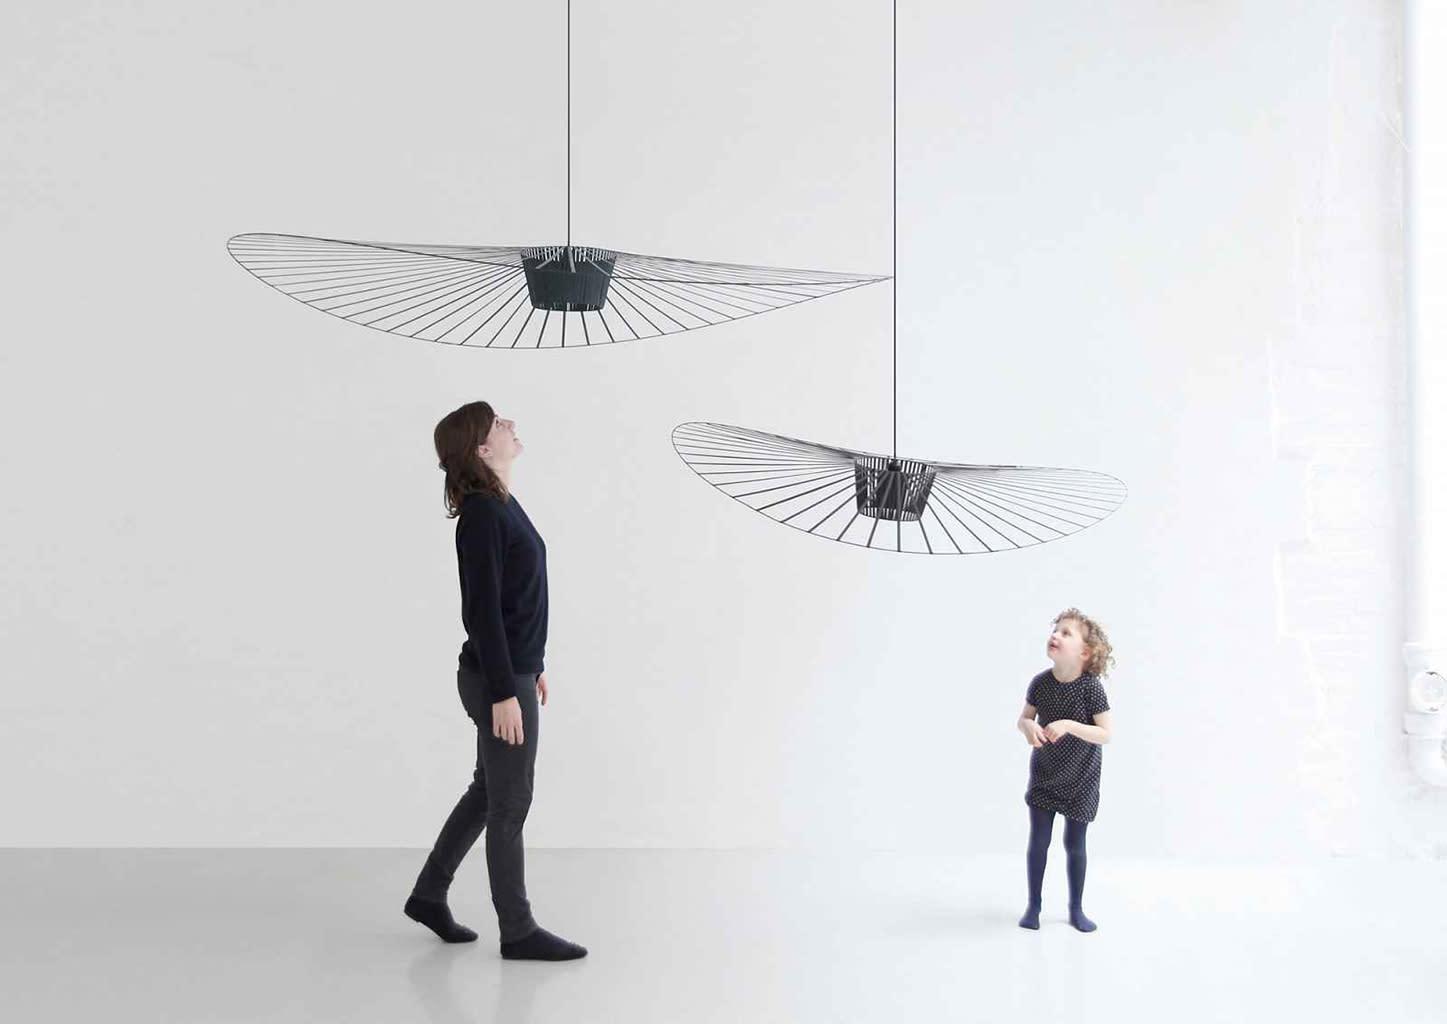 Paris déco off maison objet five exhibitions for design fans heading to paris